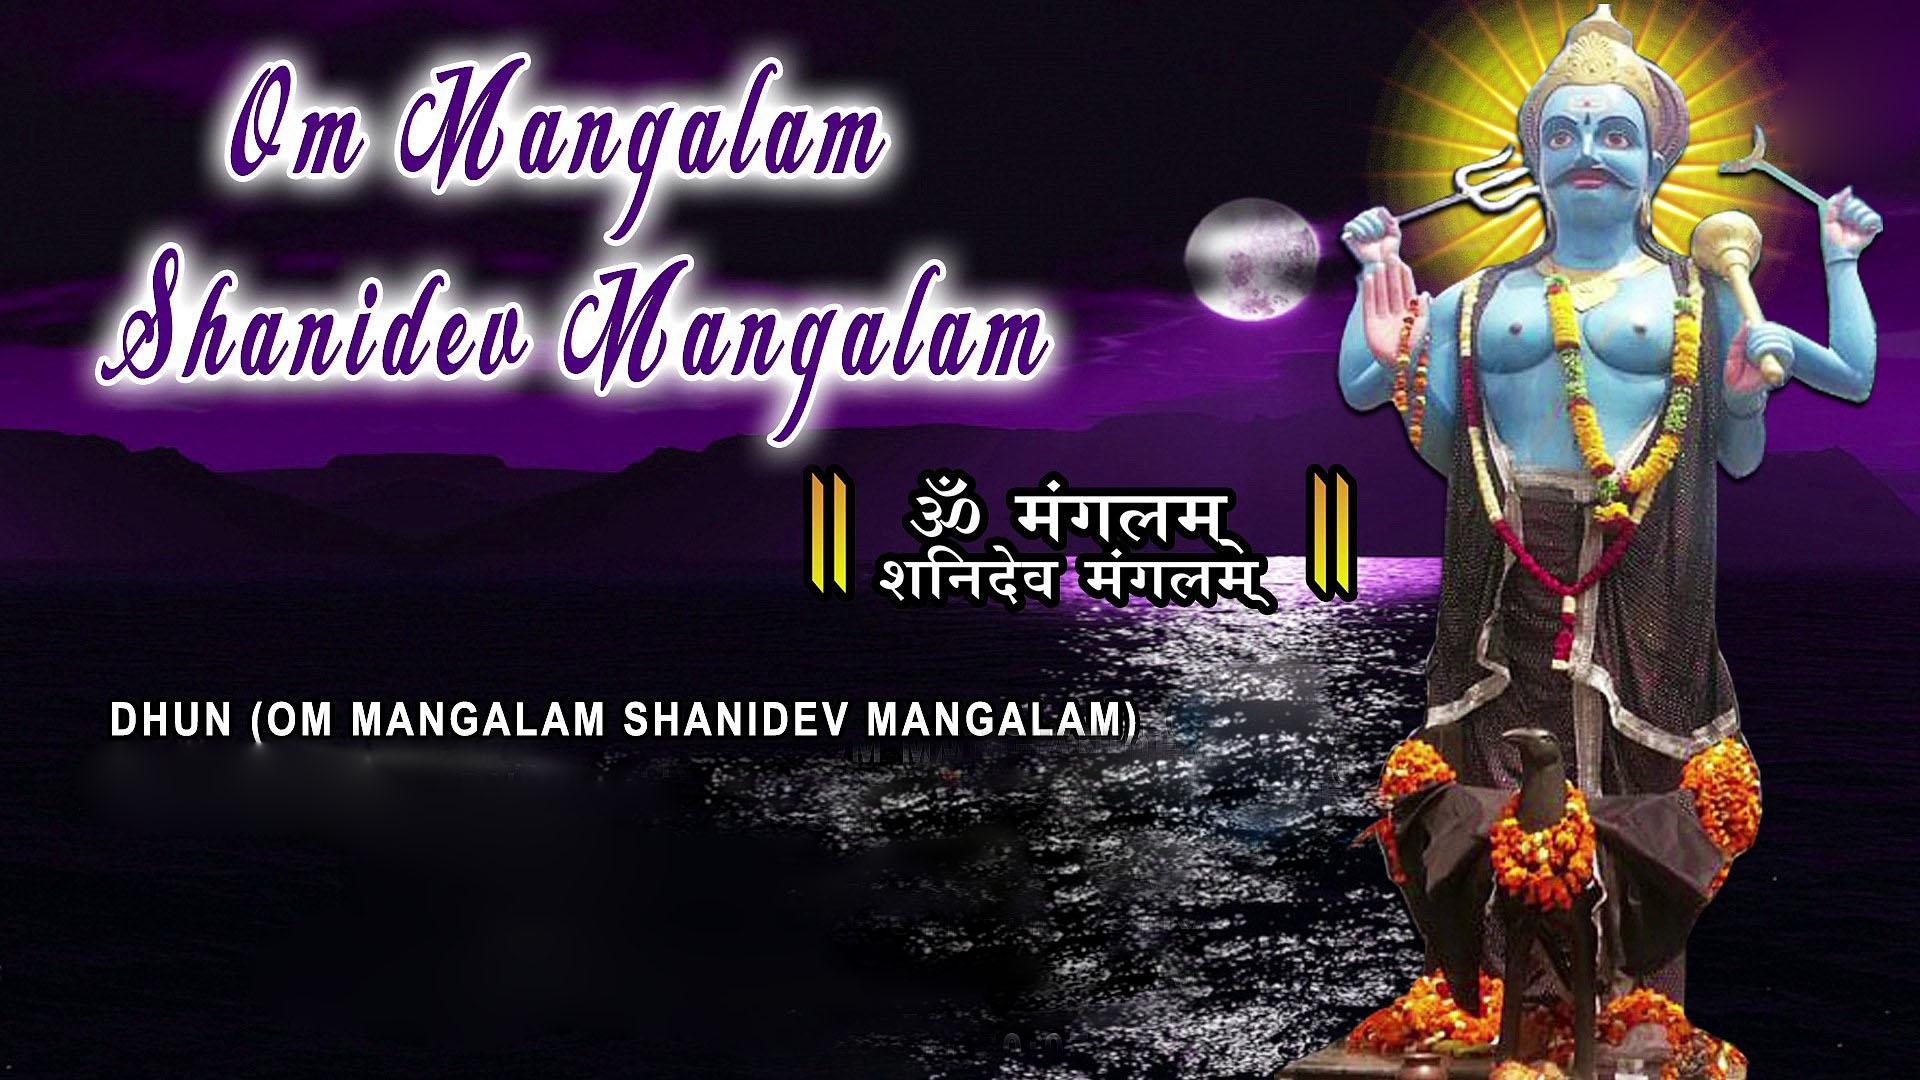 Om Mangalam Shanidev Mangalam Shani Mantra Lyrics